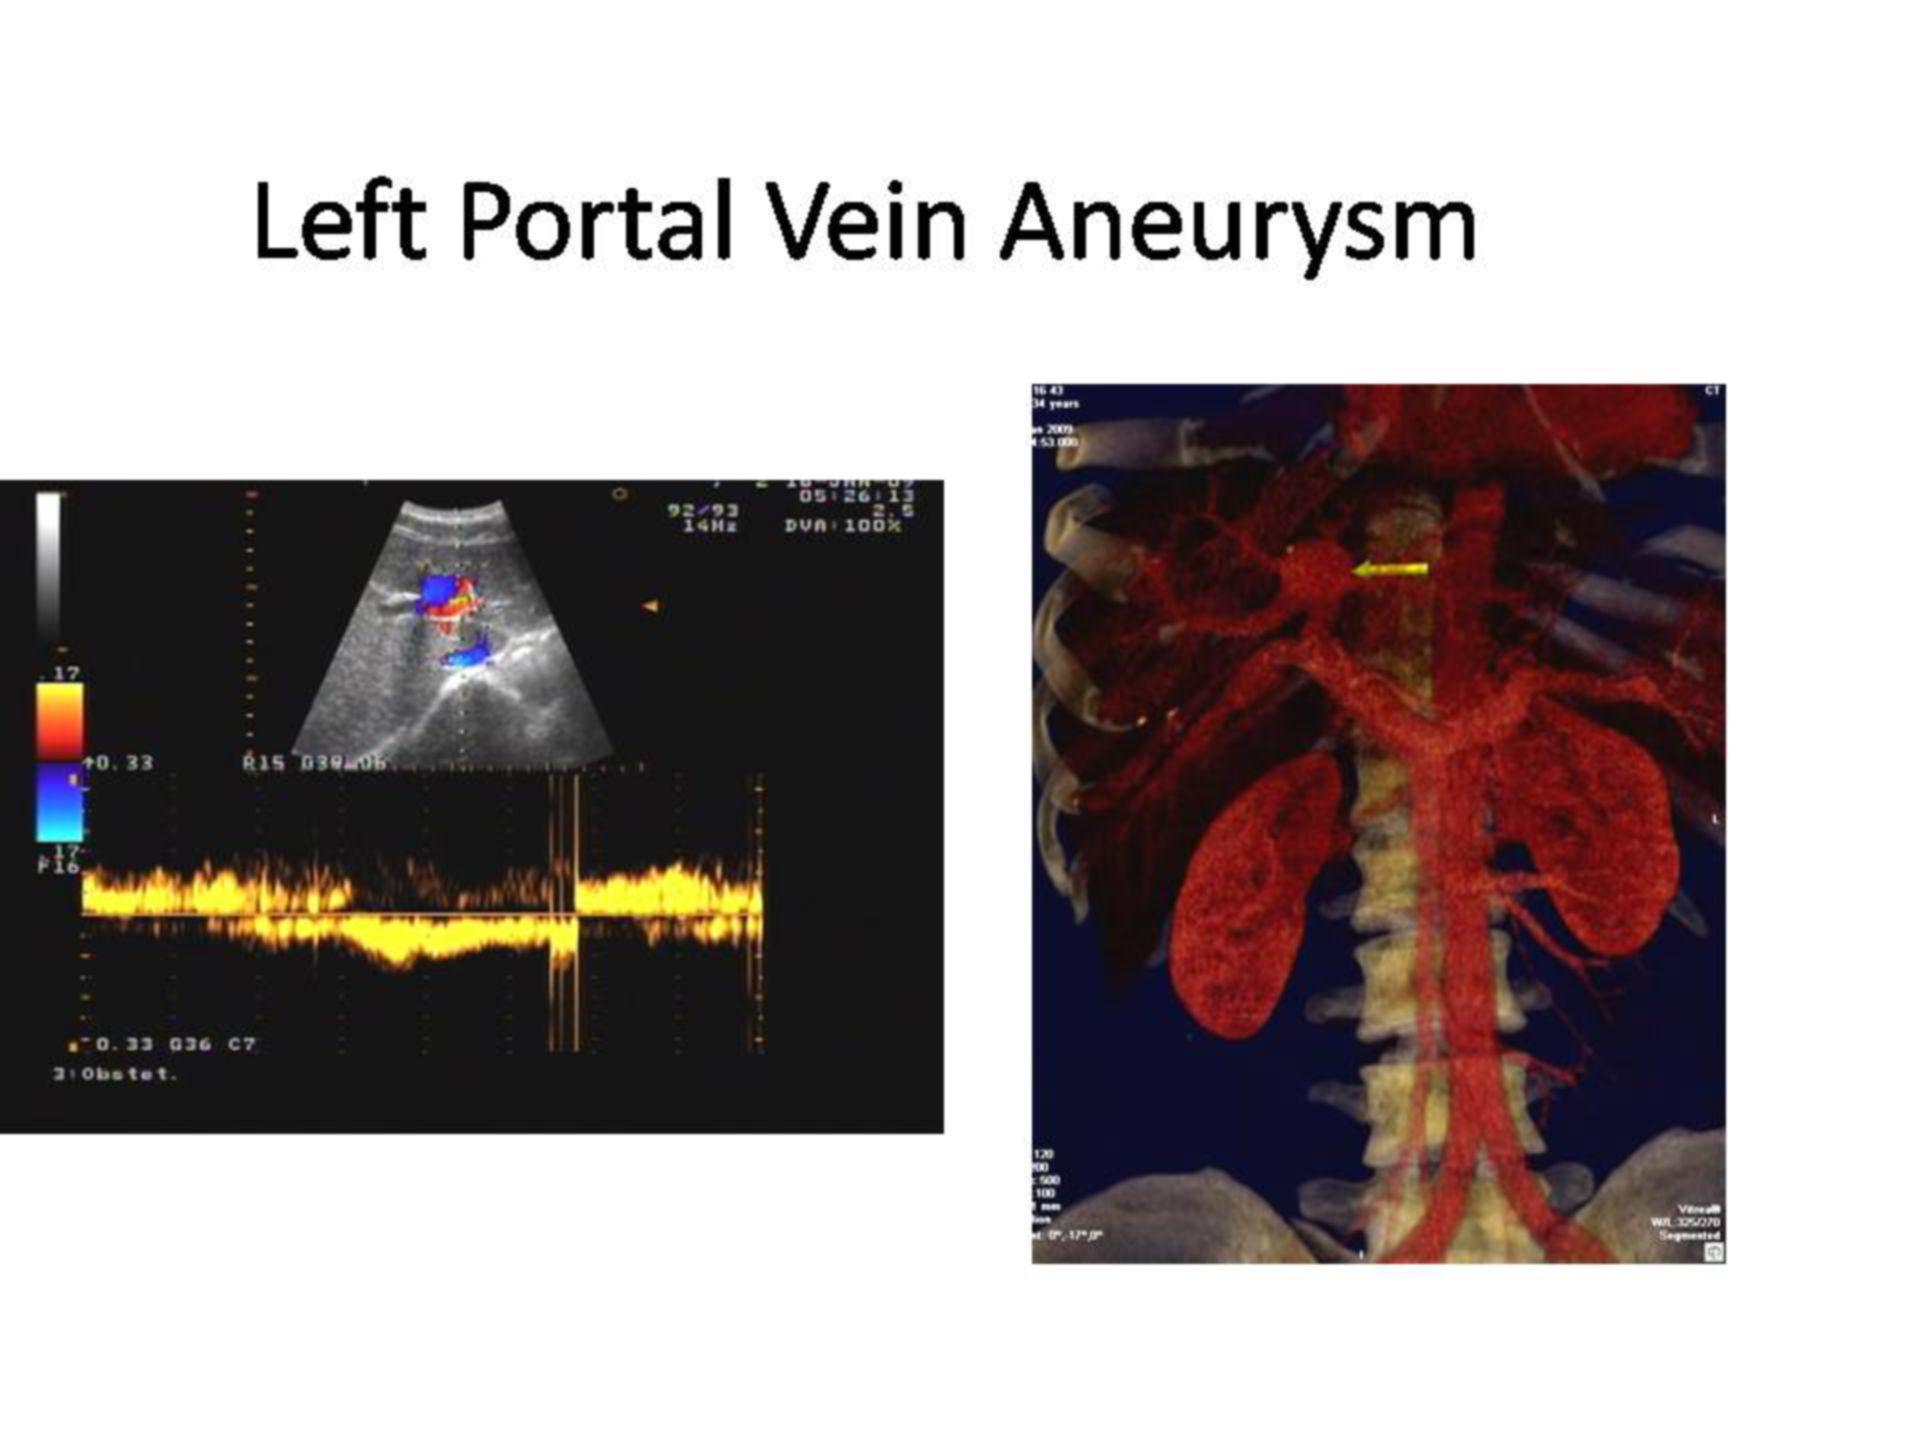 Aneurysma in der linken Vena portae (2)